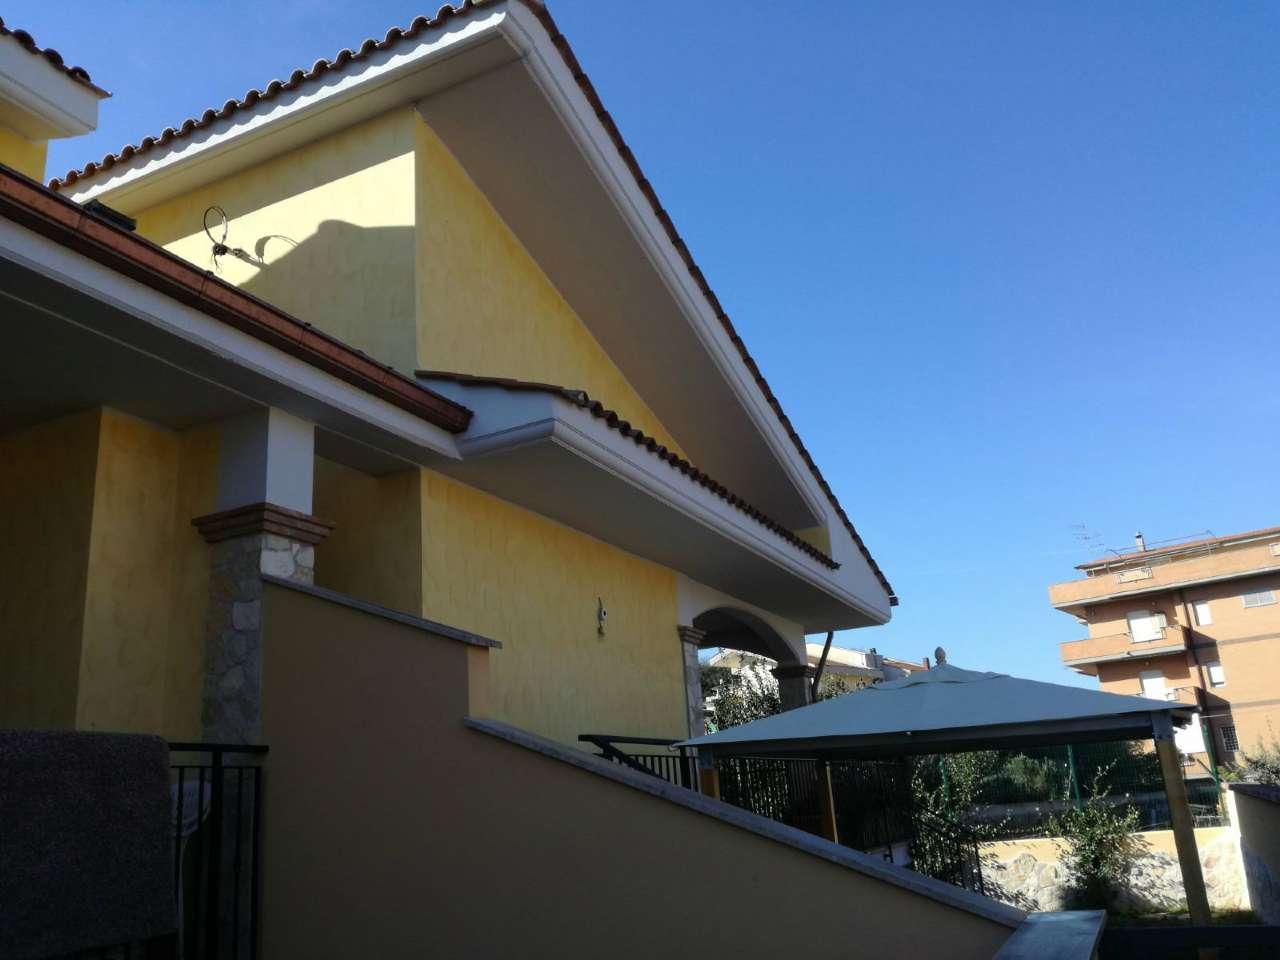 Soluzione Indipendente in vendita a Roma, 5 locali, zona Zona: 41 . Castel di Guido - Casalotti - Valle Santa, prezzo € 350.000 | CambioCasa.it